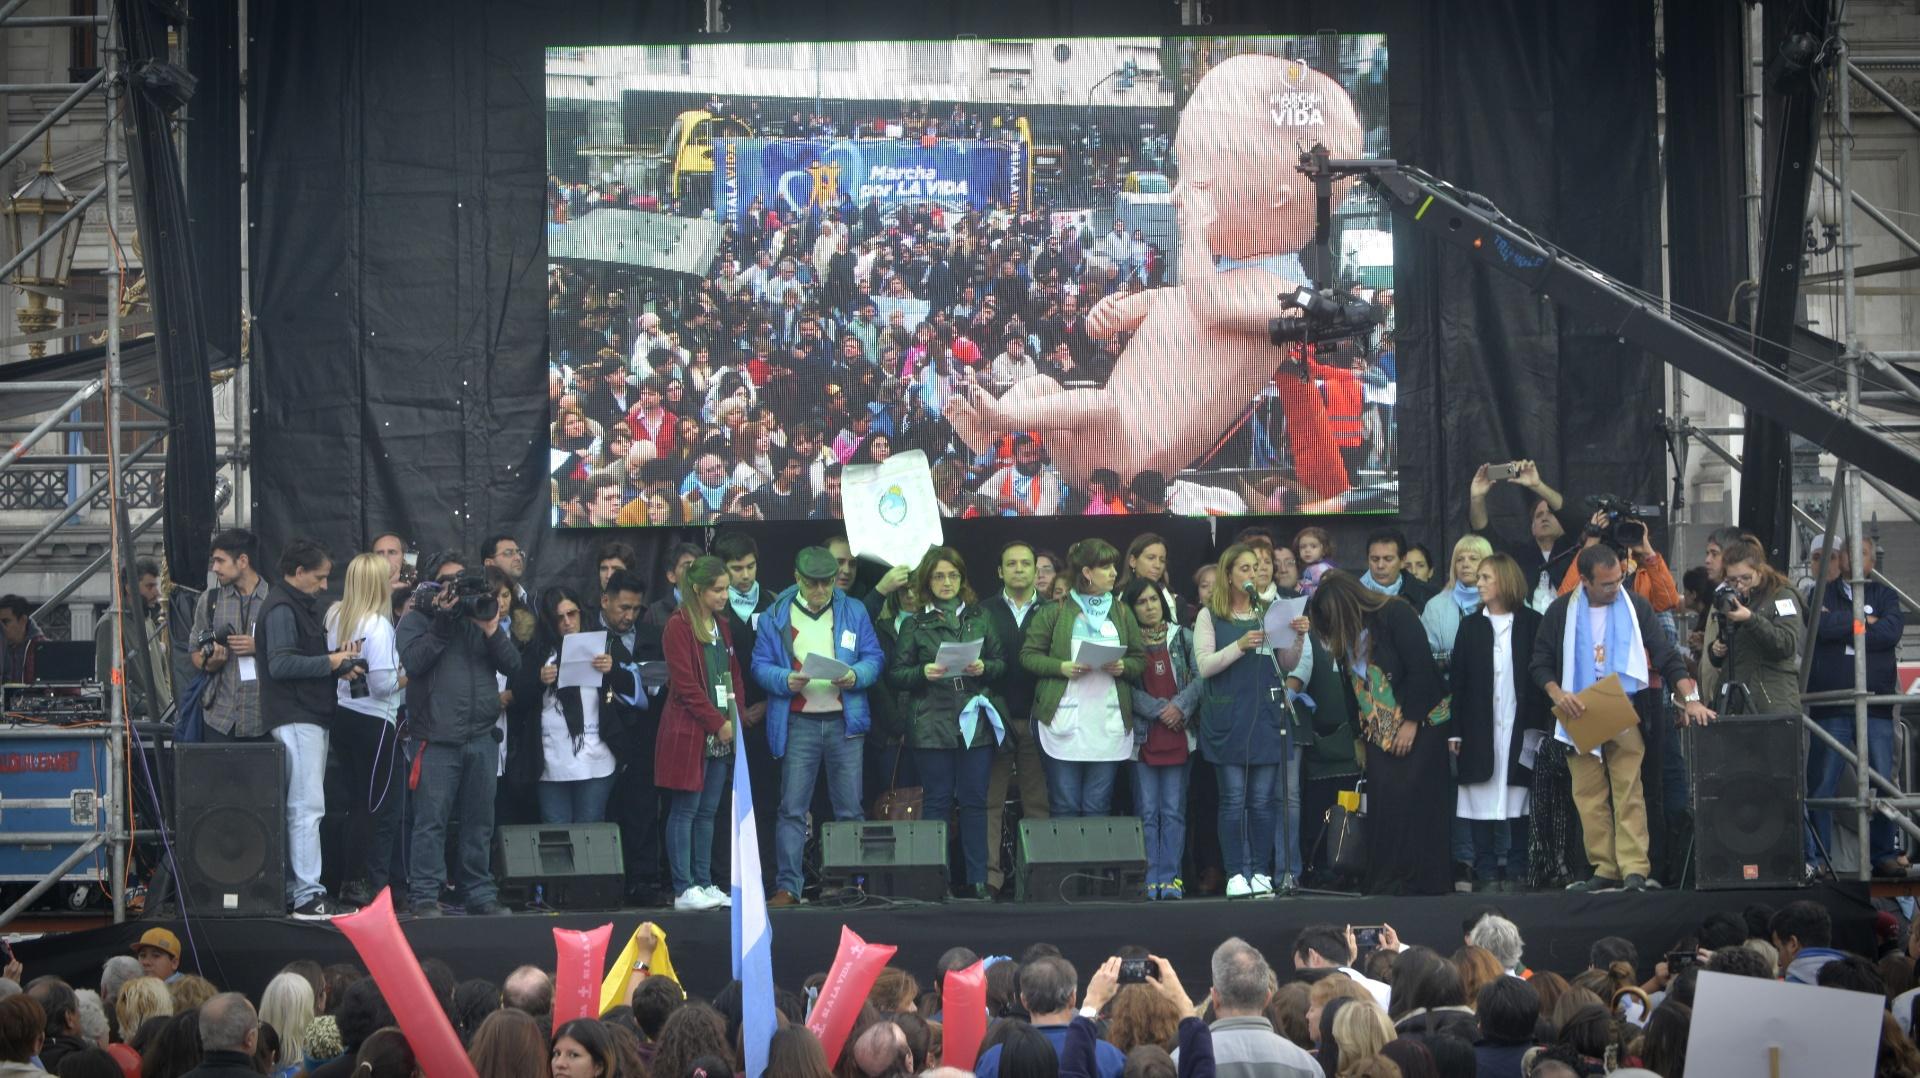 El escenario principal estuvo ubicado frente a las puertas del Congreso de la Nación